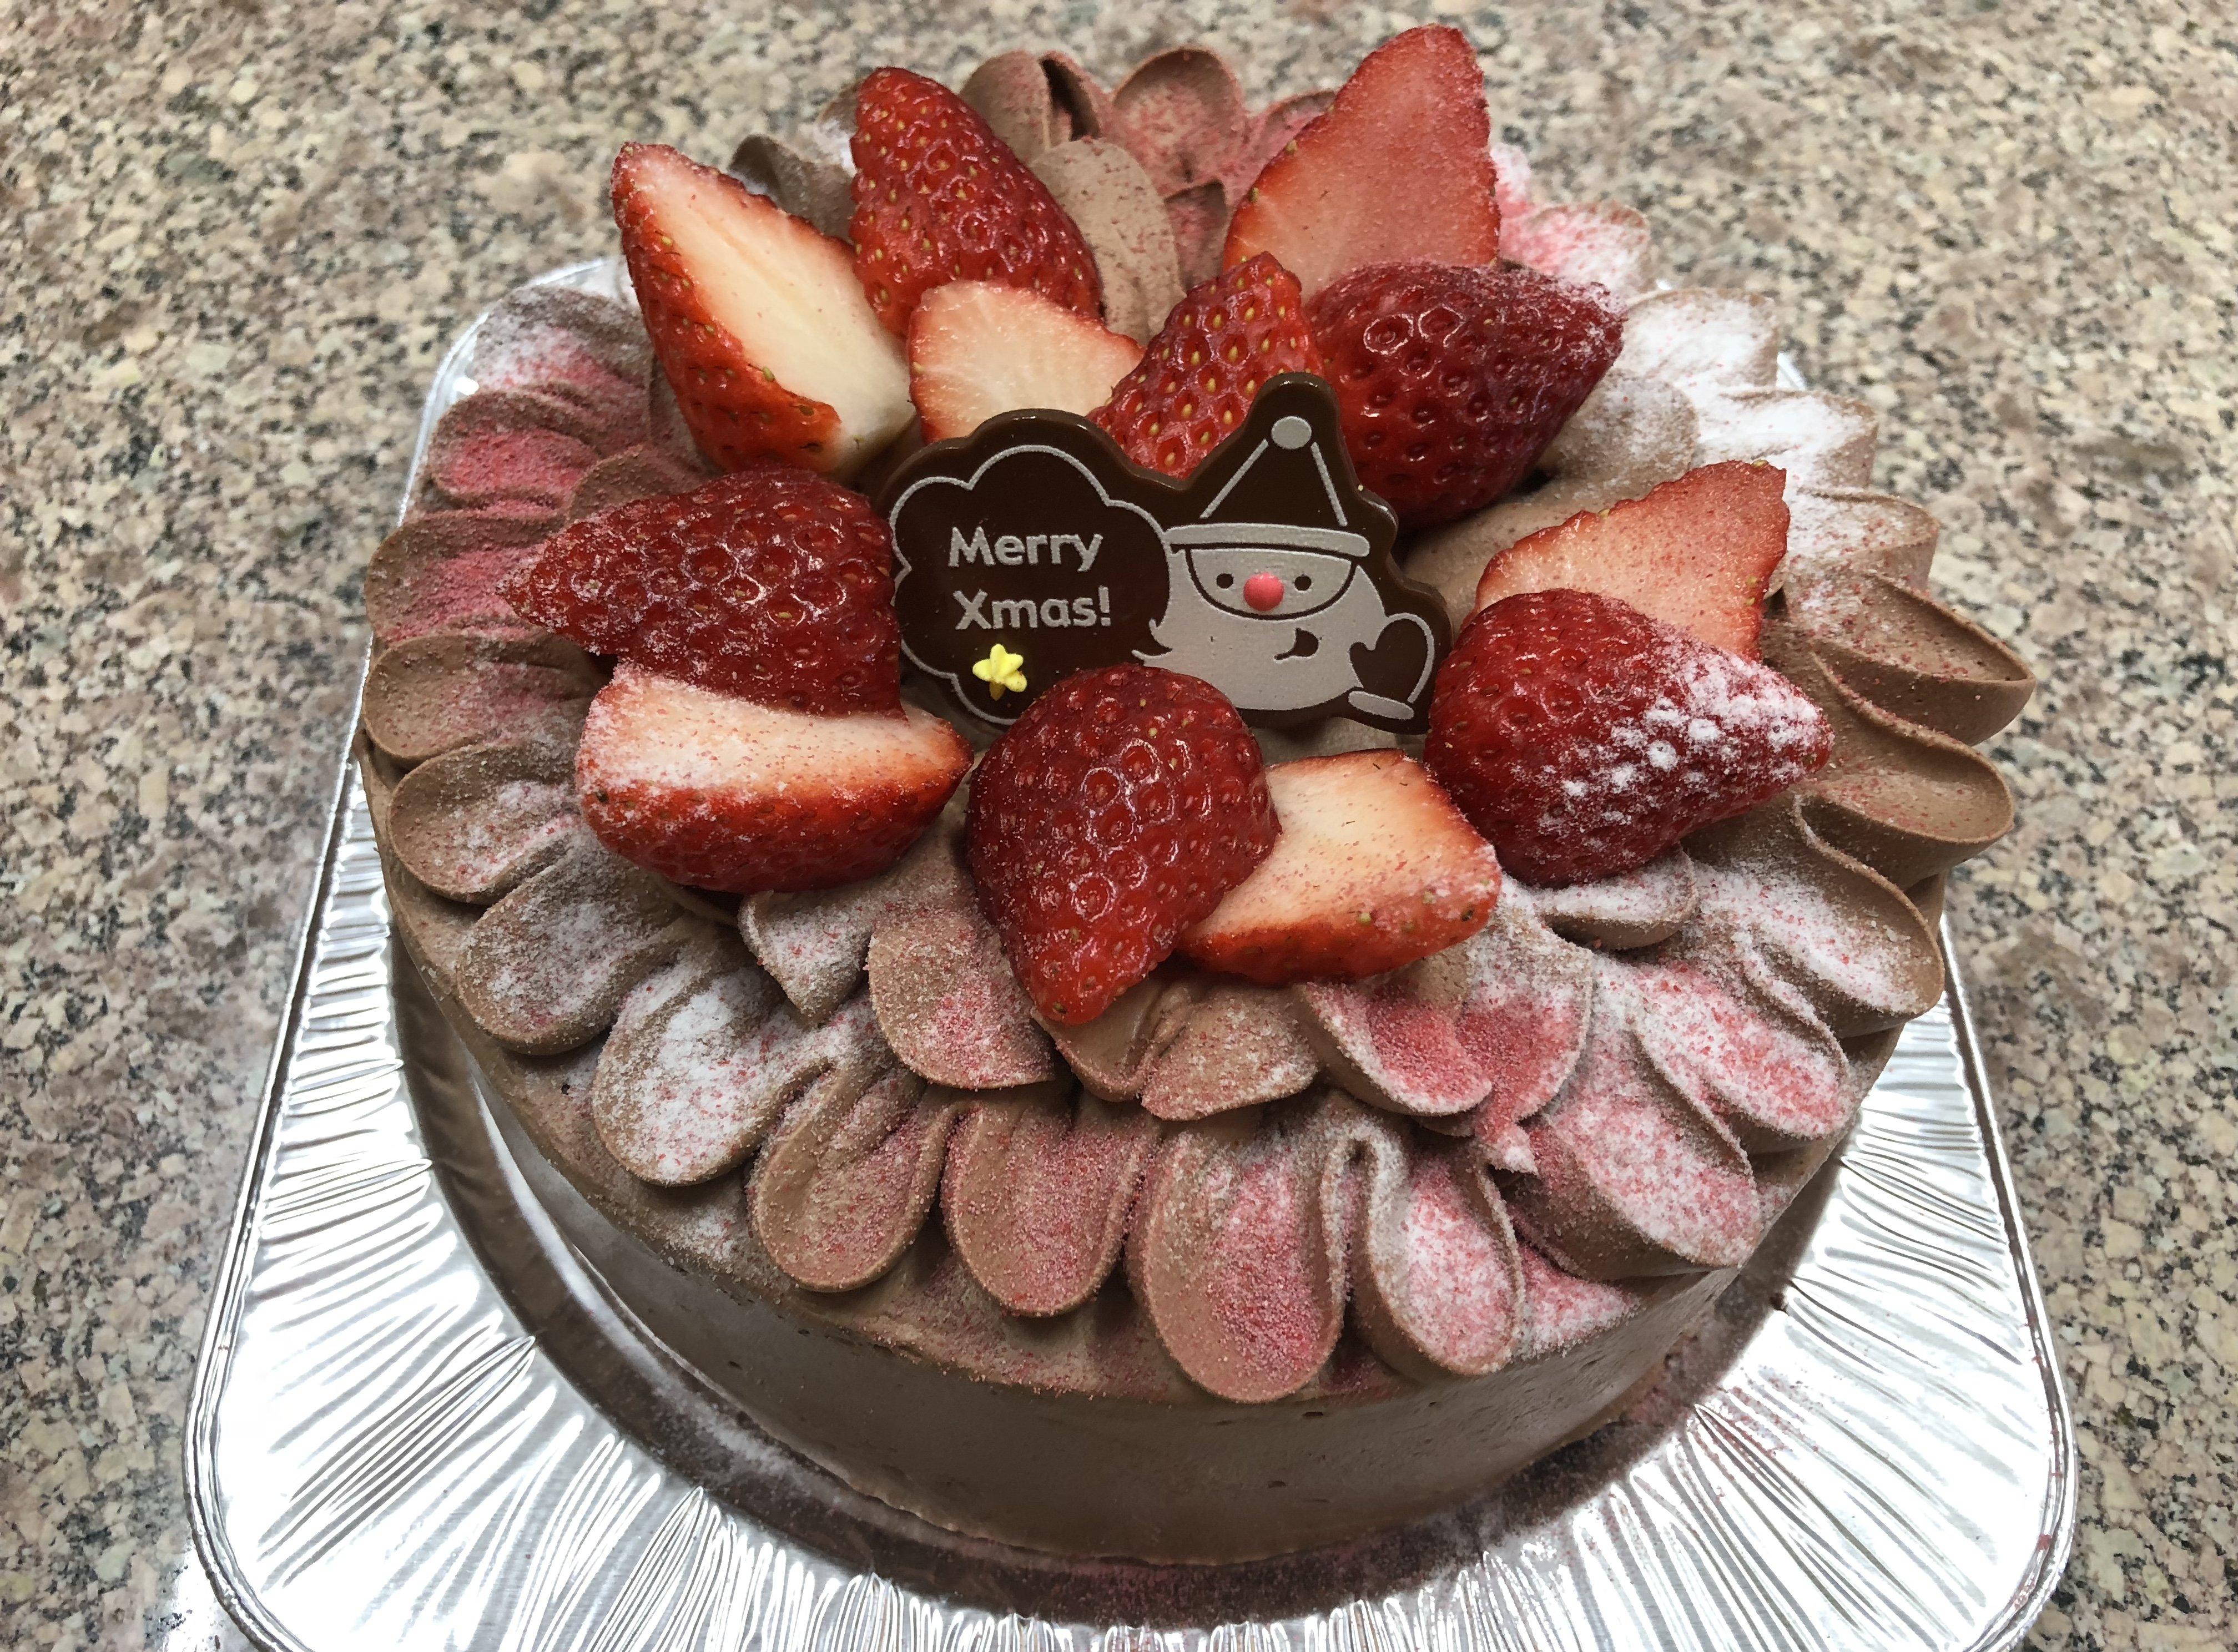 【店頭受け取りのみ】たっぷりいちご生チョコショートクリスマスケーキ 6号18cm のイメージその1